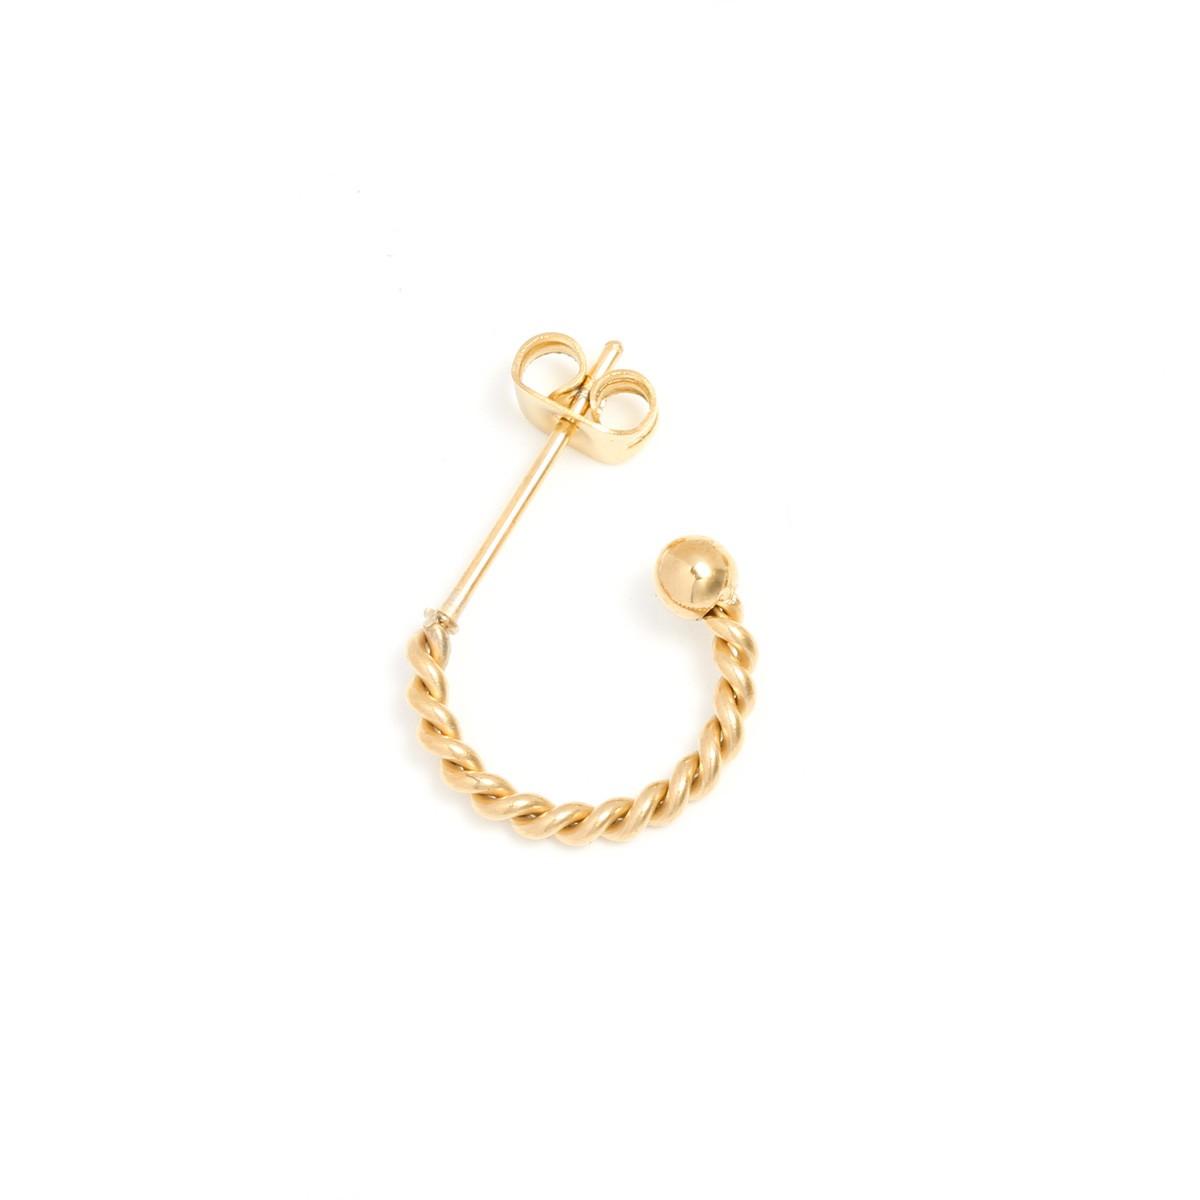 oorsteker-creool-twist-stainless-steel-goud-13mm-per-paar